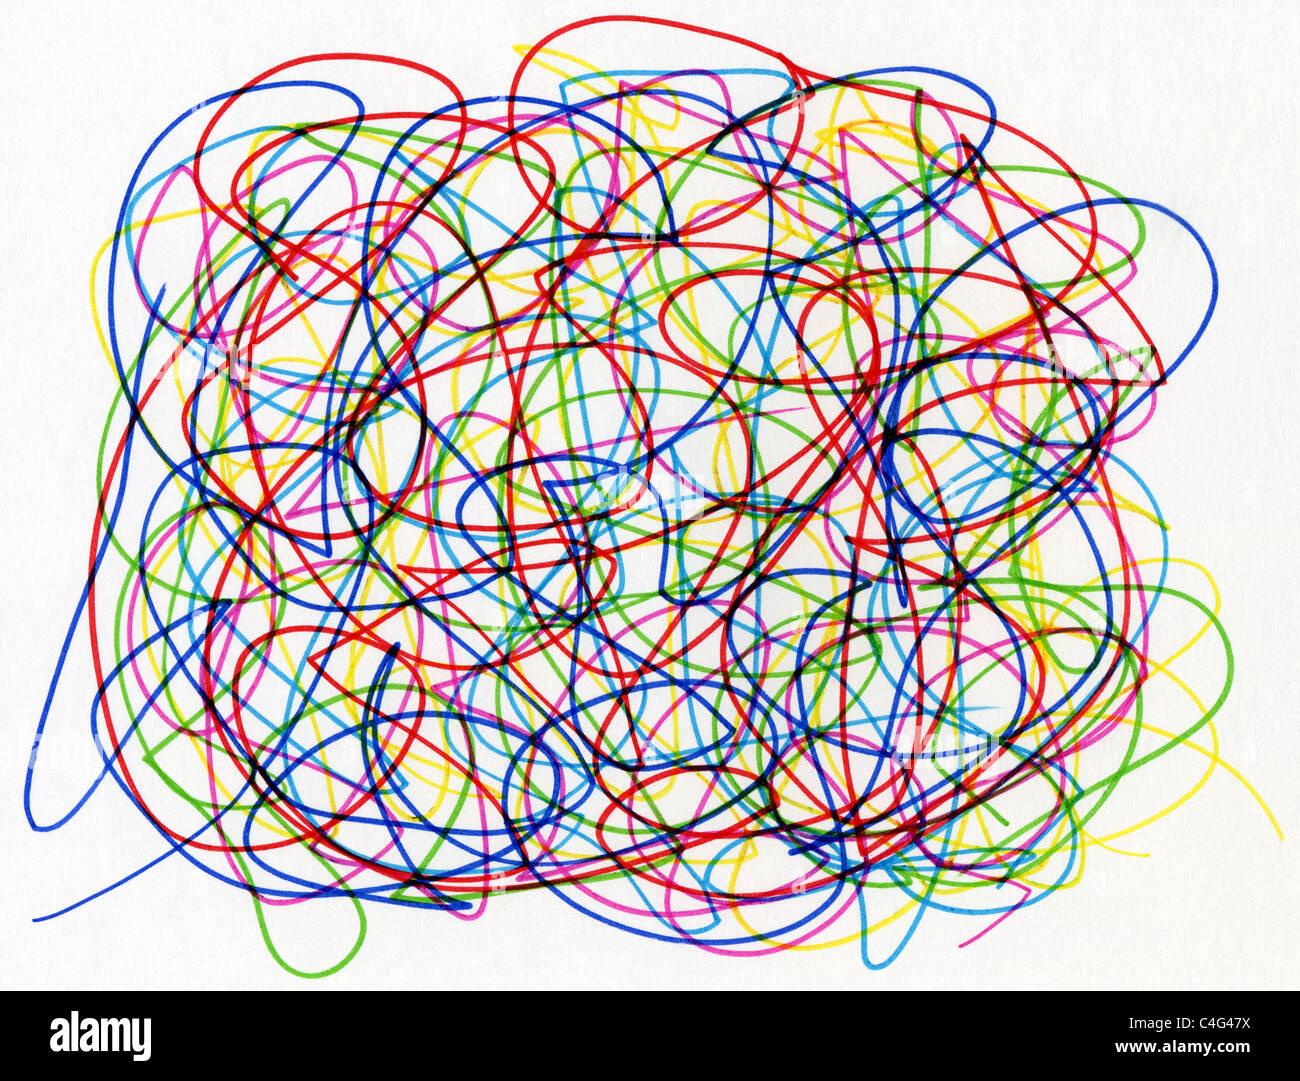 Colourful felt tip pen scribble on white paper. - Stock Image